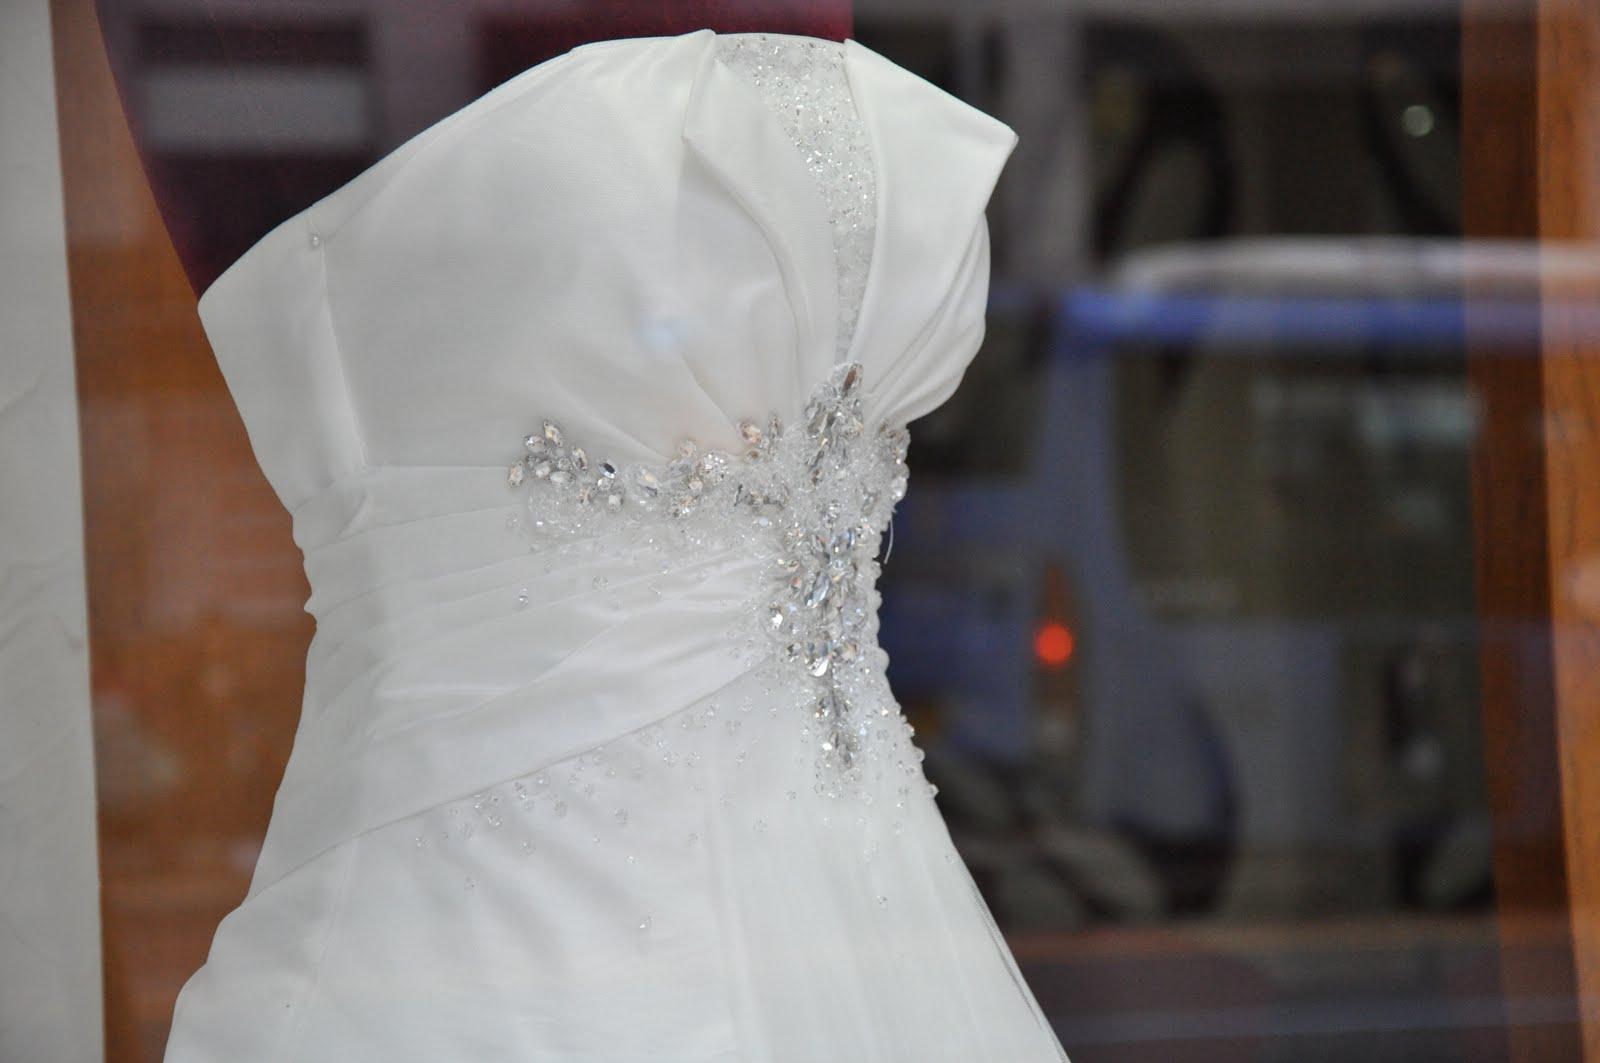 South Korea Today I Bought A Wedding Dress,Short Beach Wedding Dresses 2020